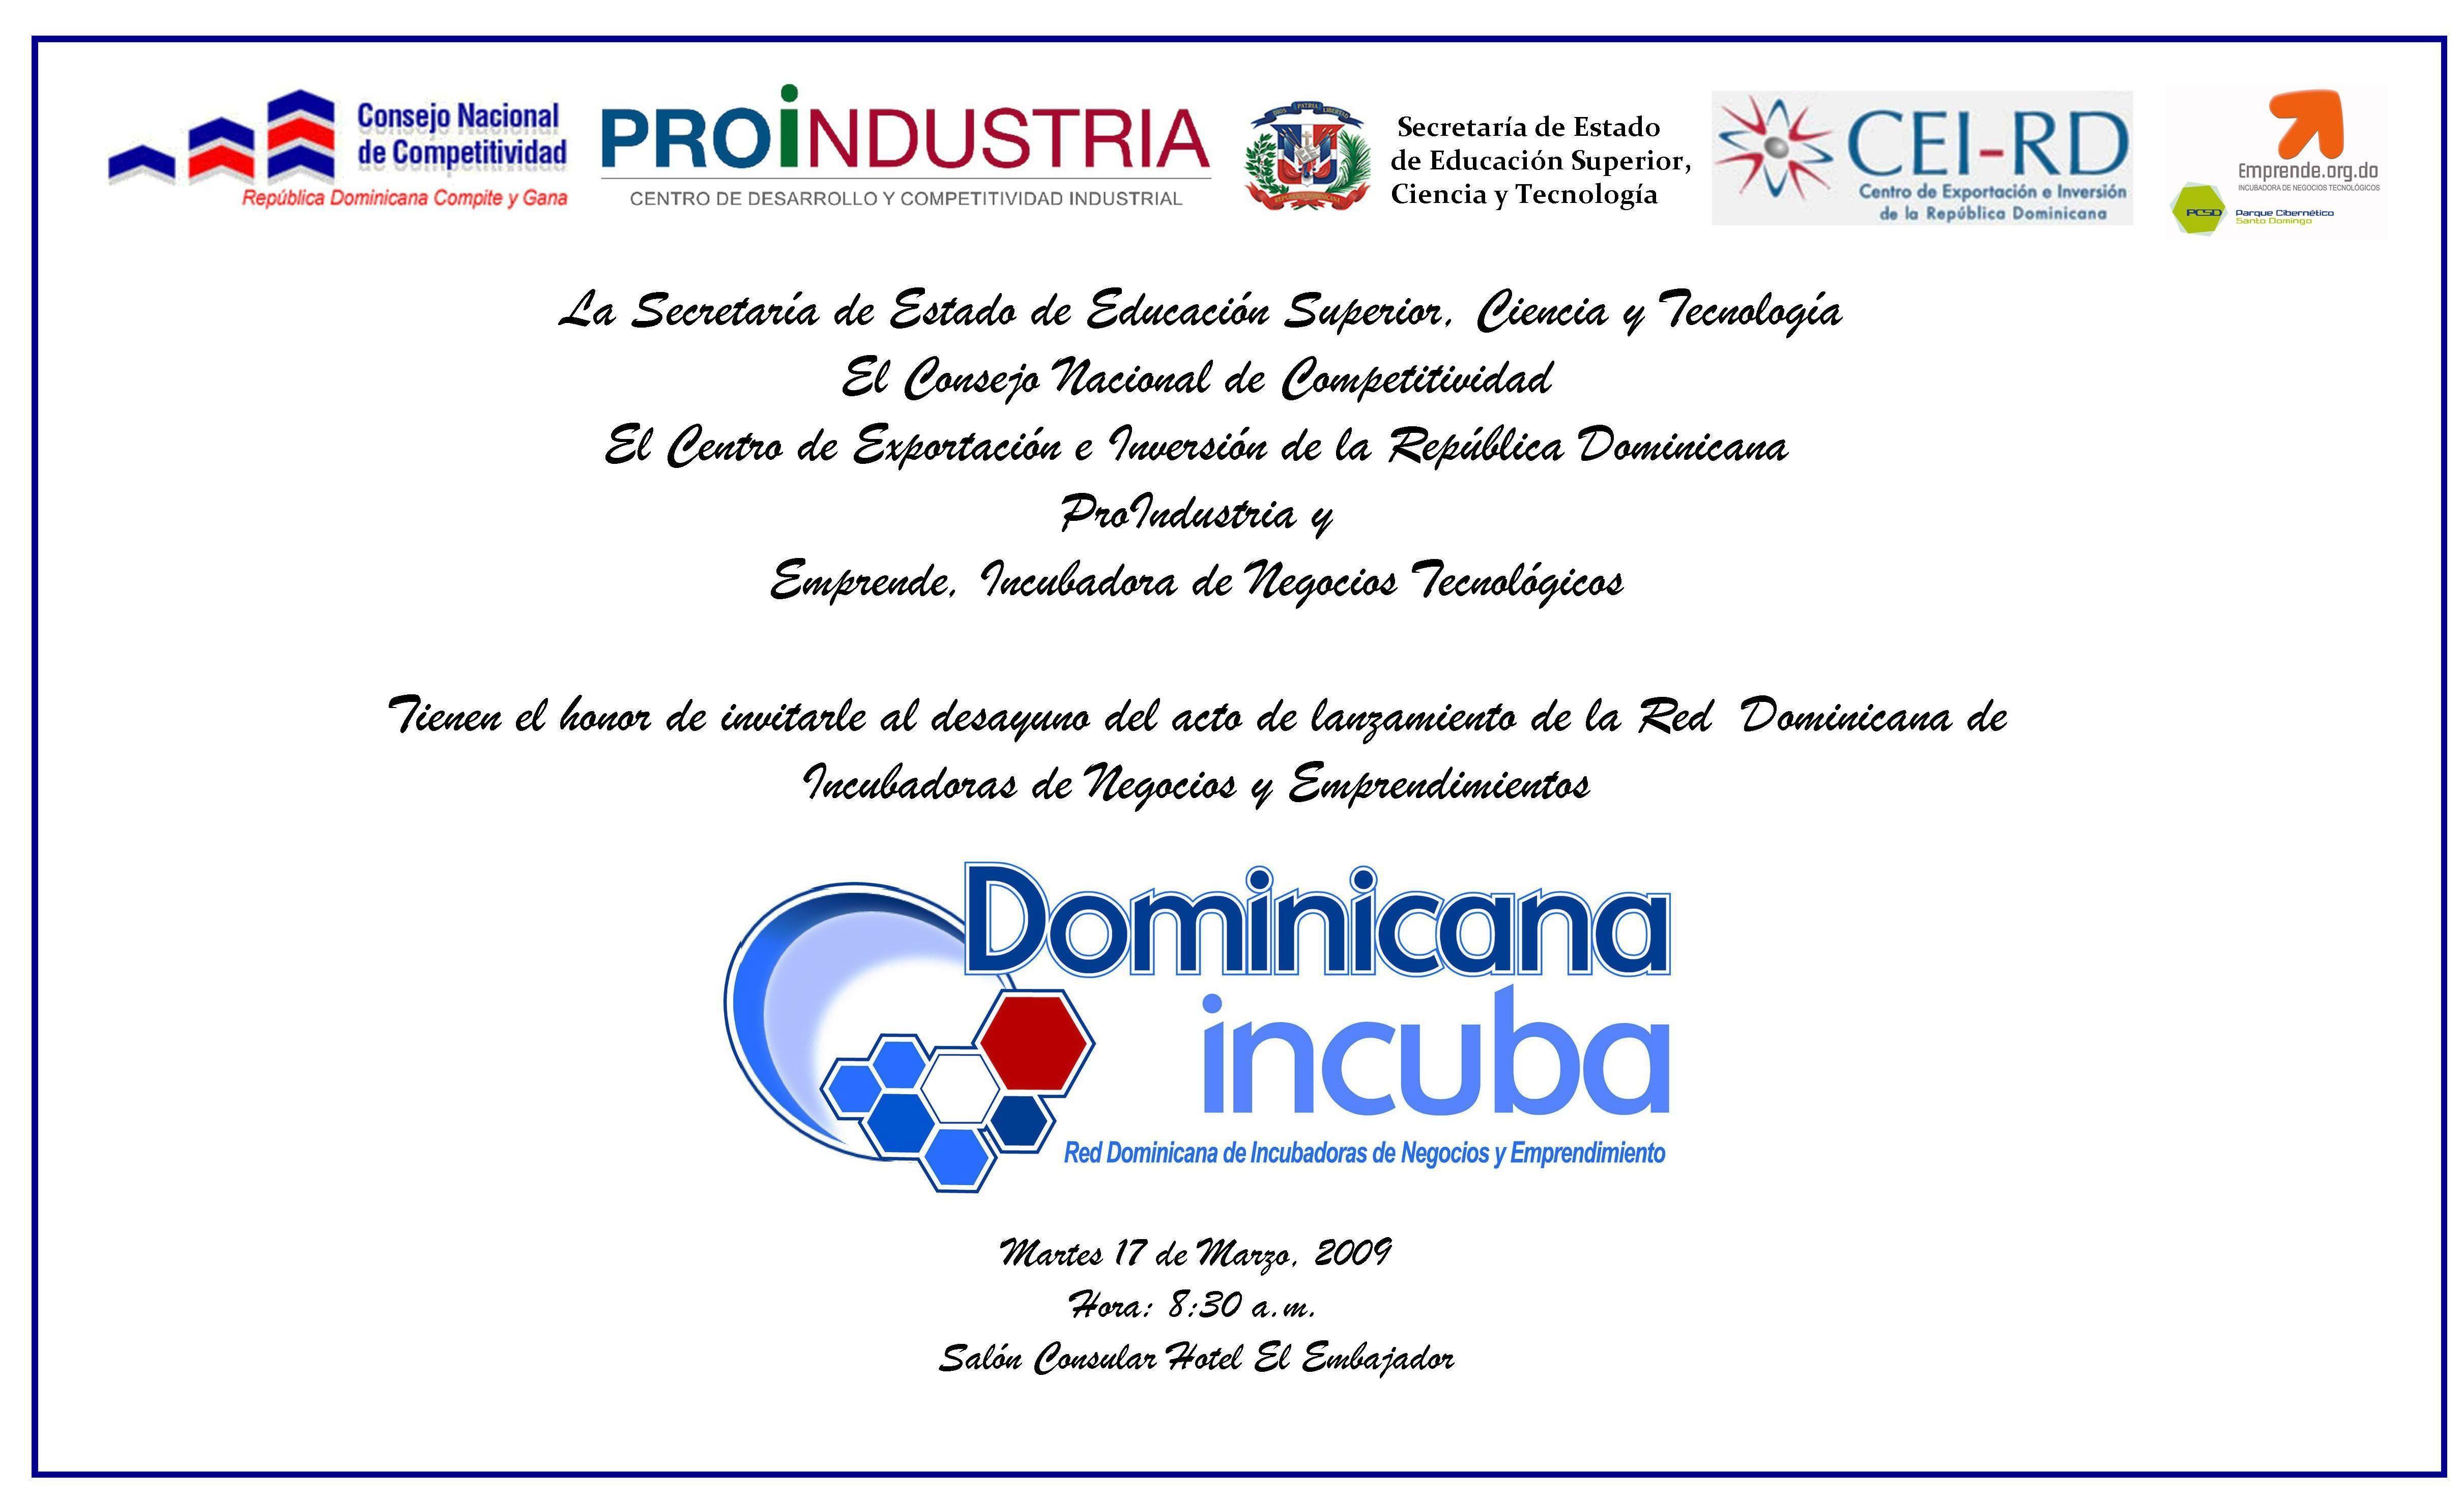 lanzamiento-dominicana-incuba